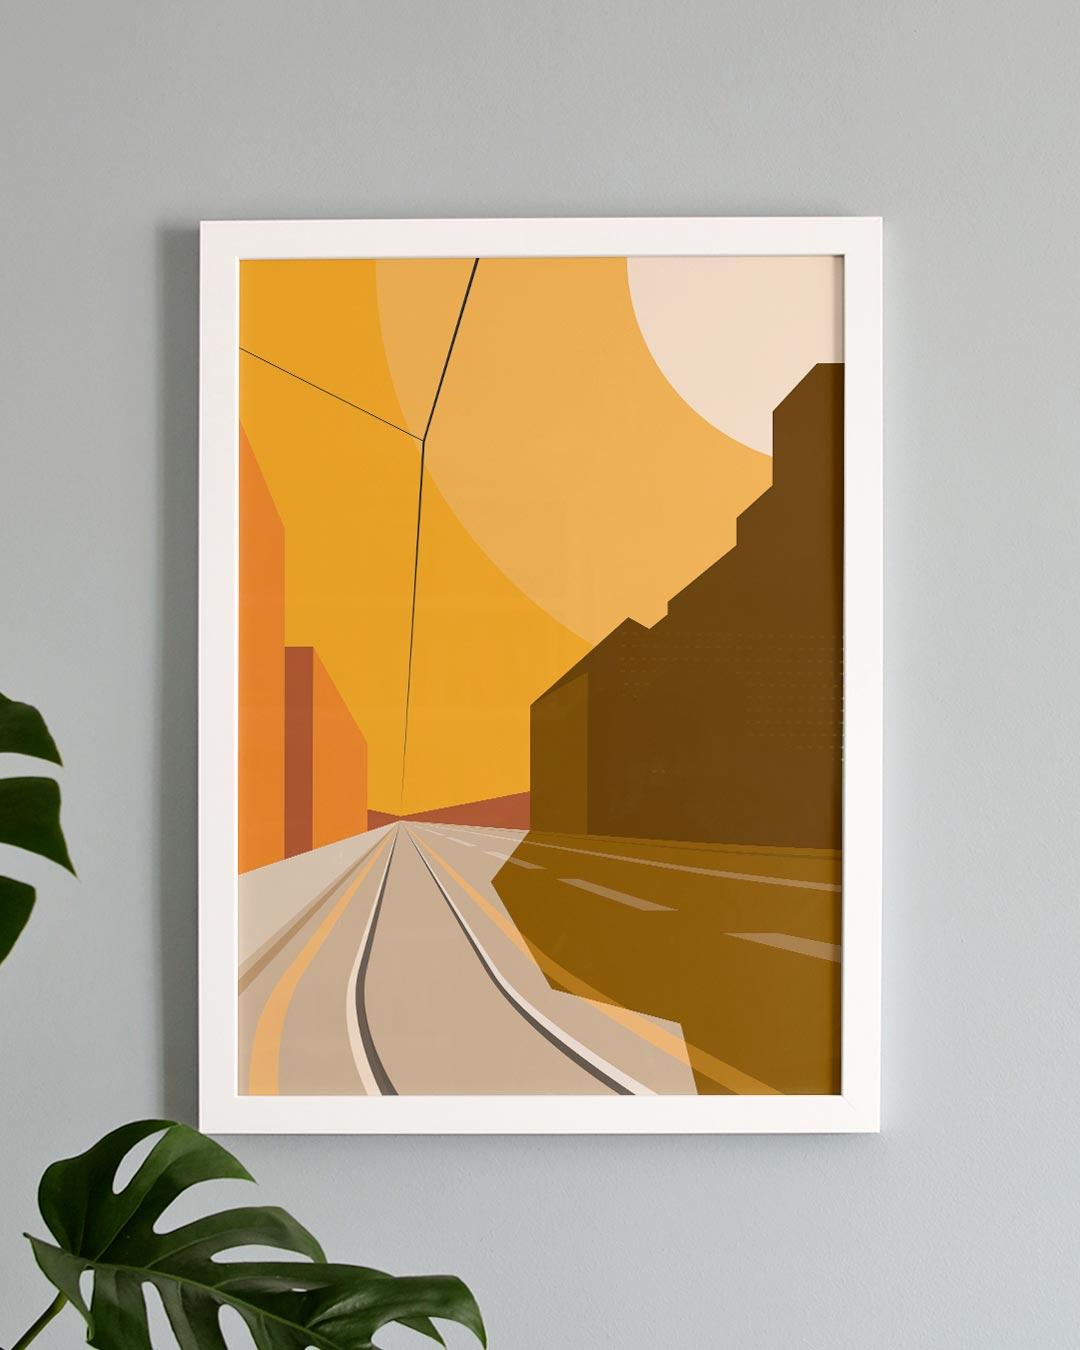 Sarajevo Summer Molimao - Art Print